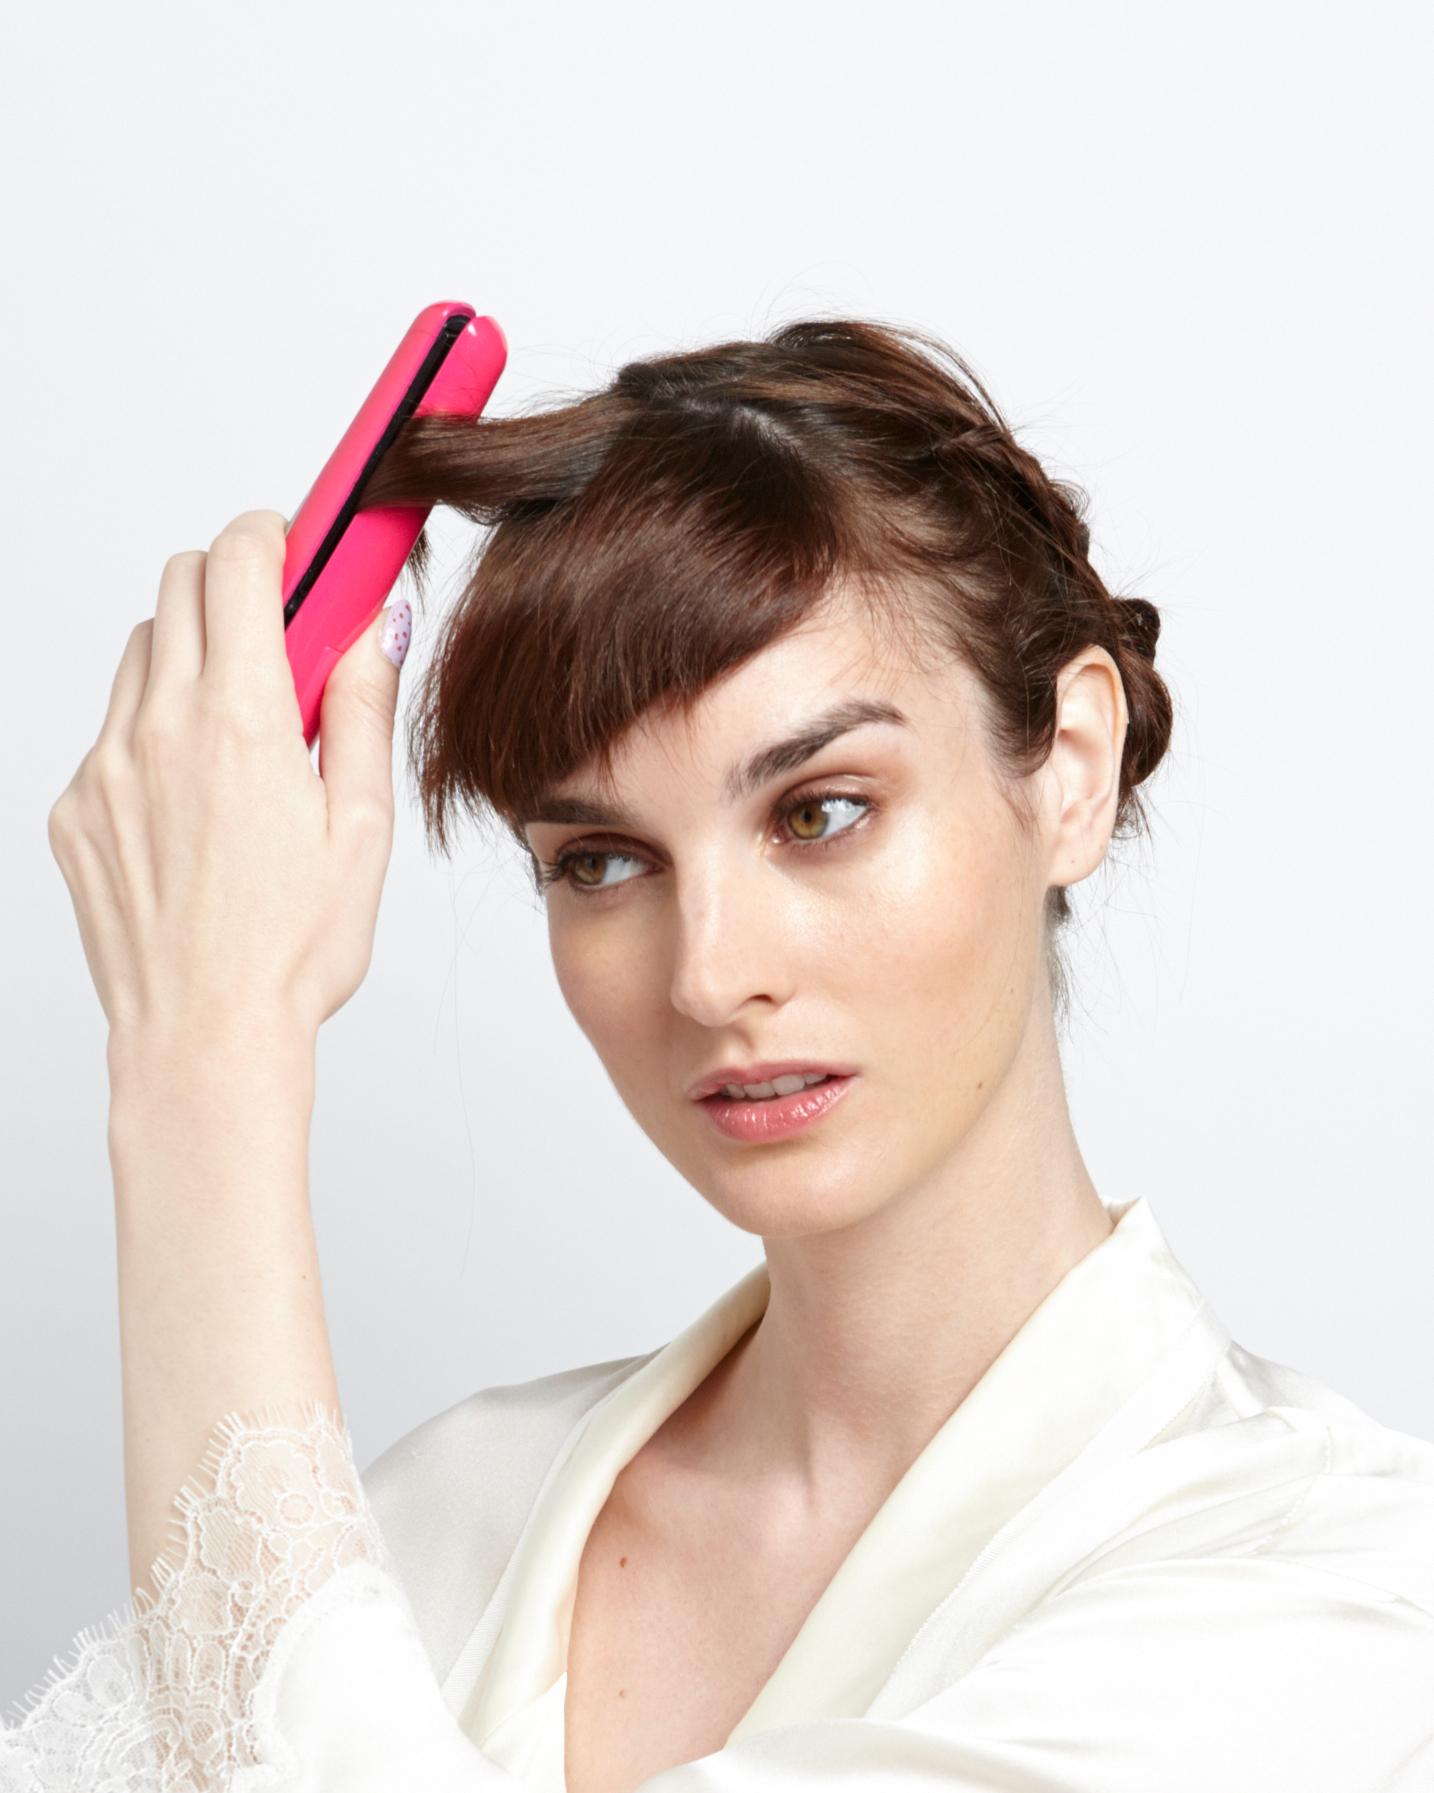 short-hair-head-band-step-3-5306-d111417-1014.jpg